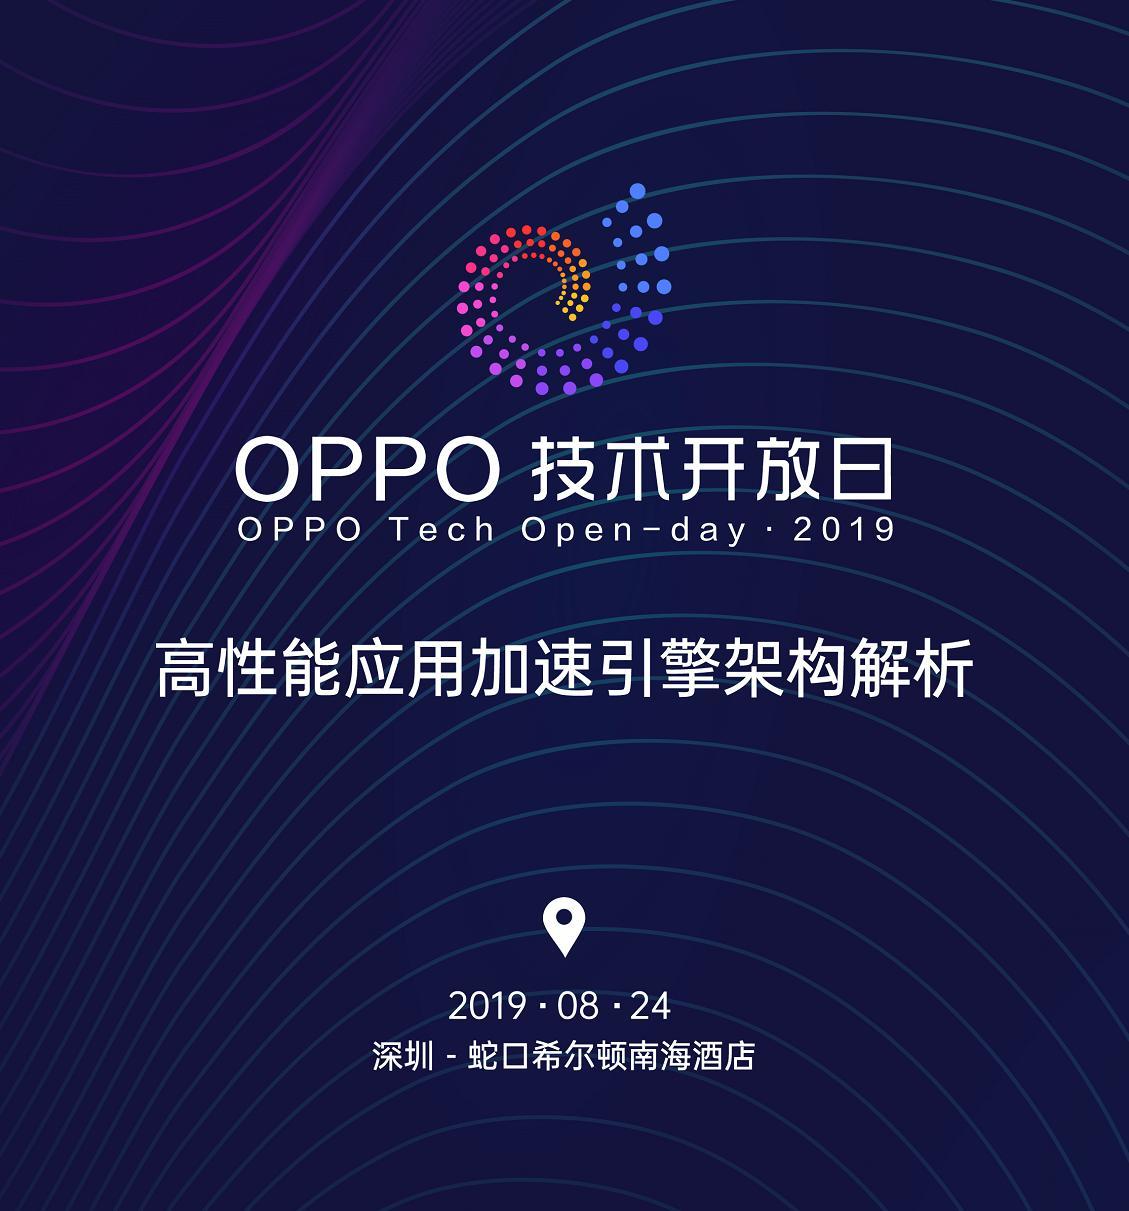 """OPPO开放平台即将揭幕""""黑科技"""",OPPO技术开放日第四期来袭!"""